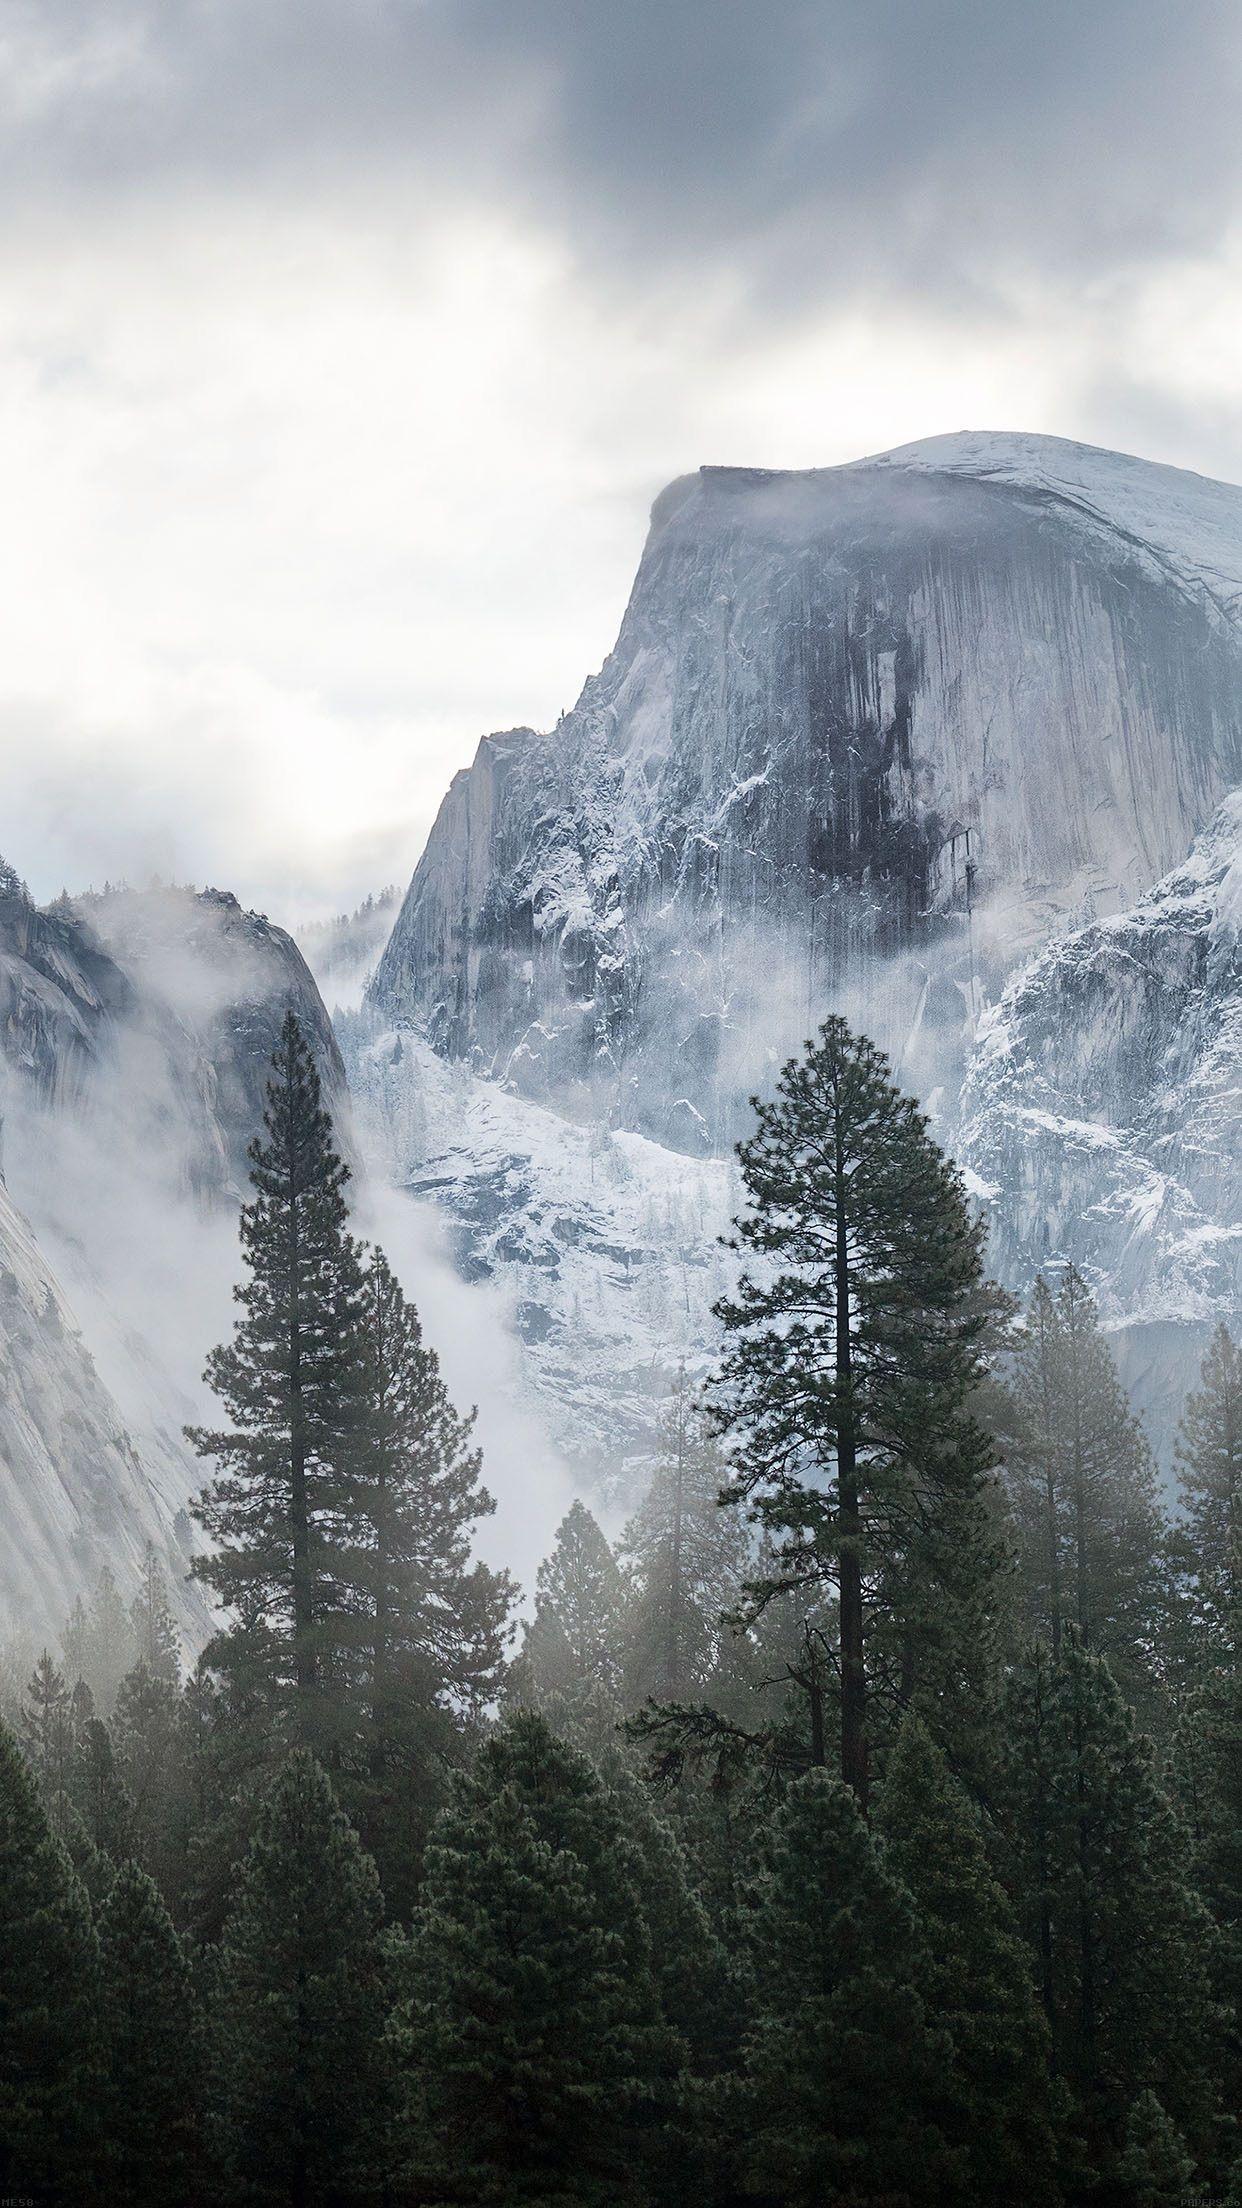 Download Wallpaper Home Screen Snow - 08672ce41ebc67d2b86d52a2c3b95636  Photograph_452392.jpg